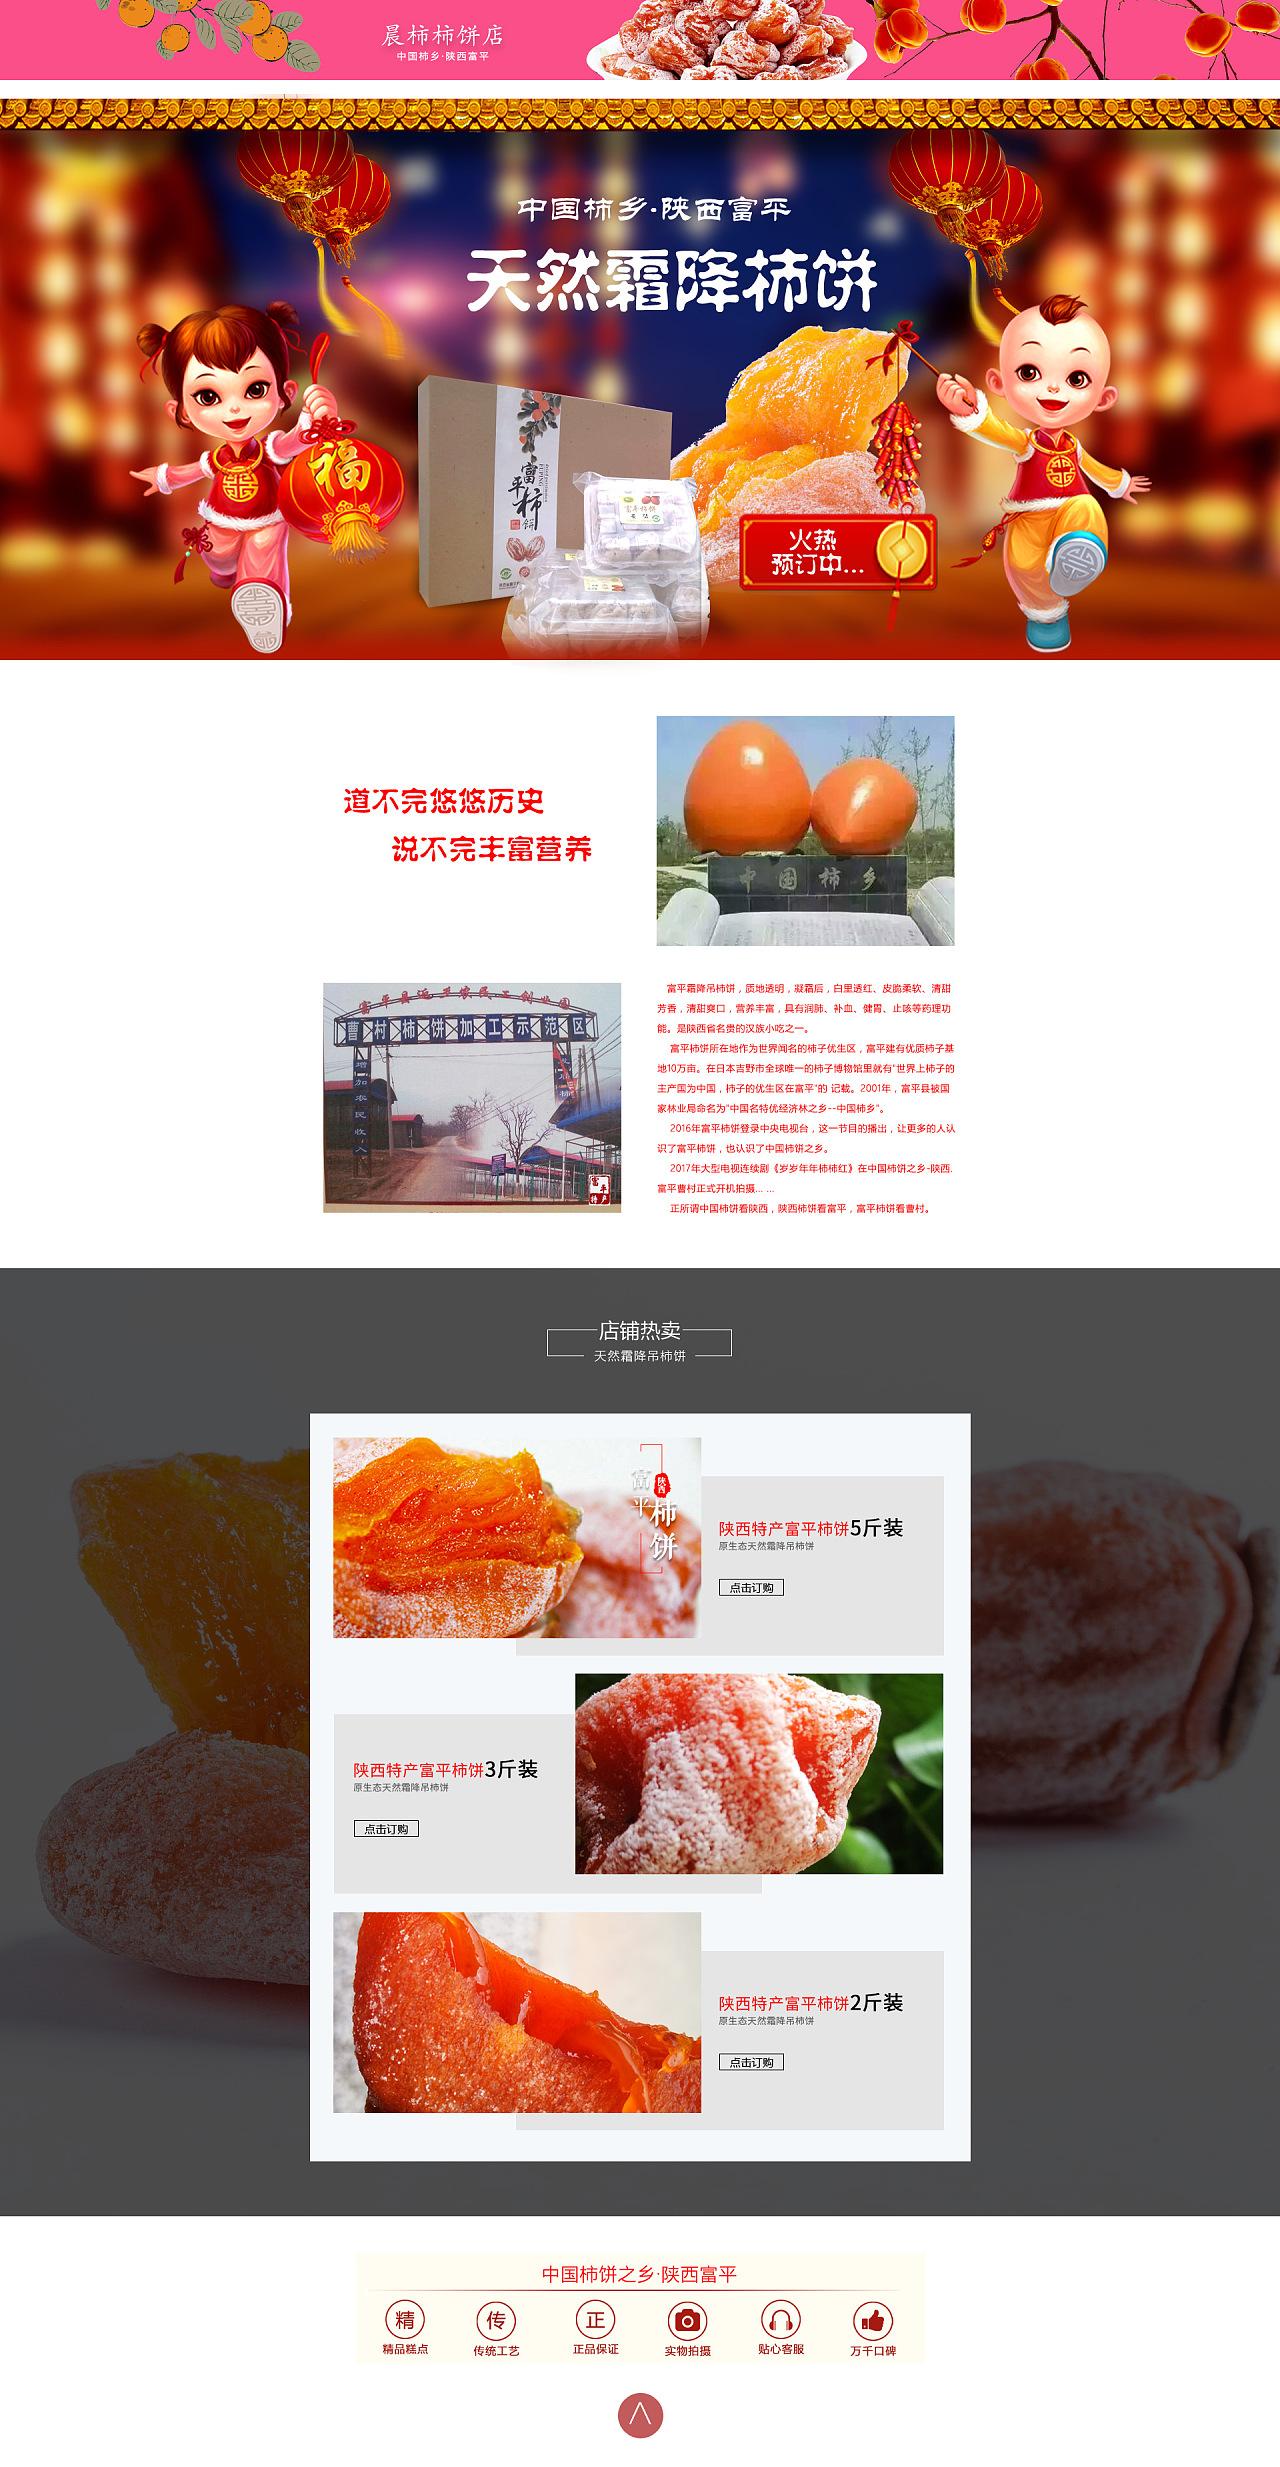 陕西特产食品柿饼淘宝店页面